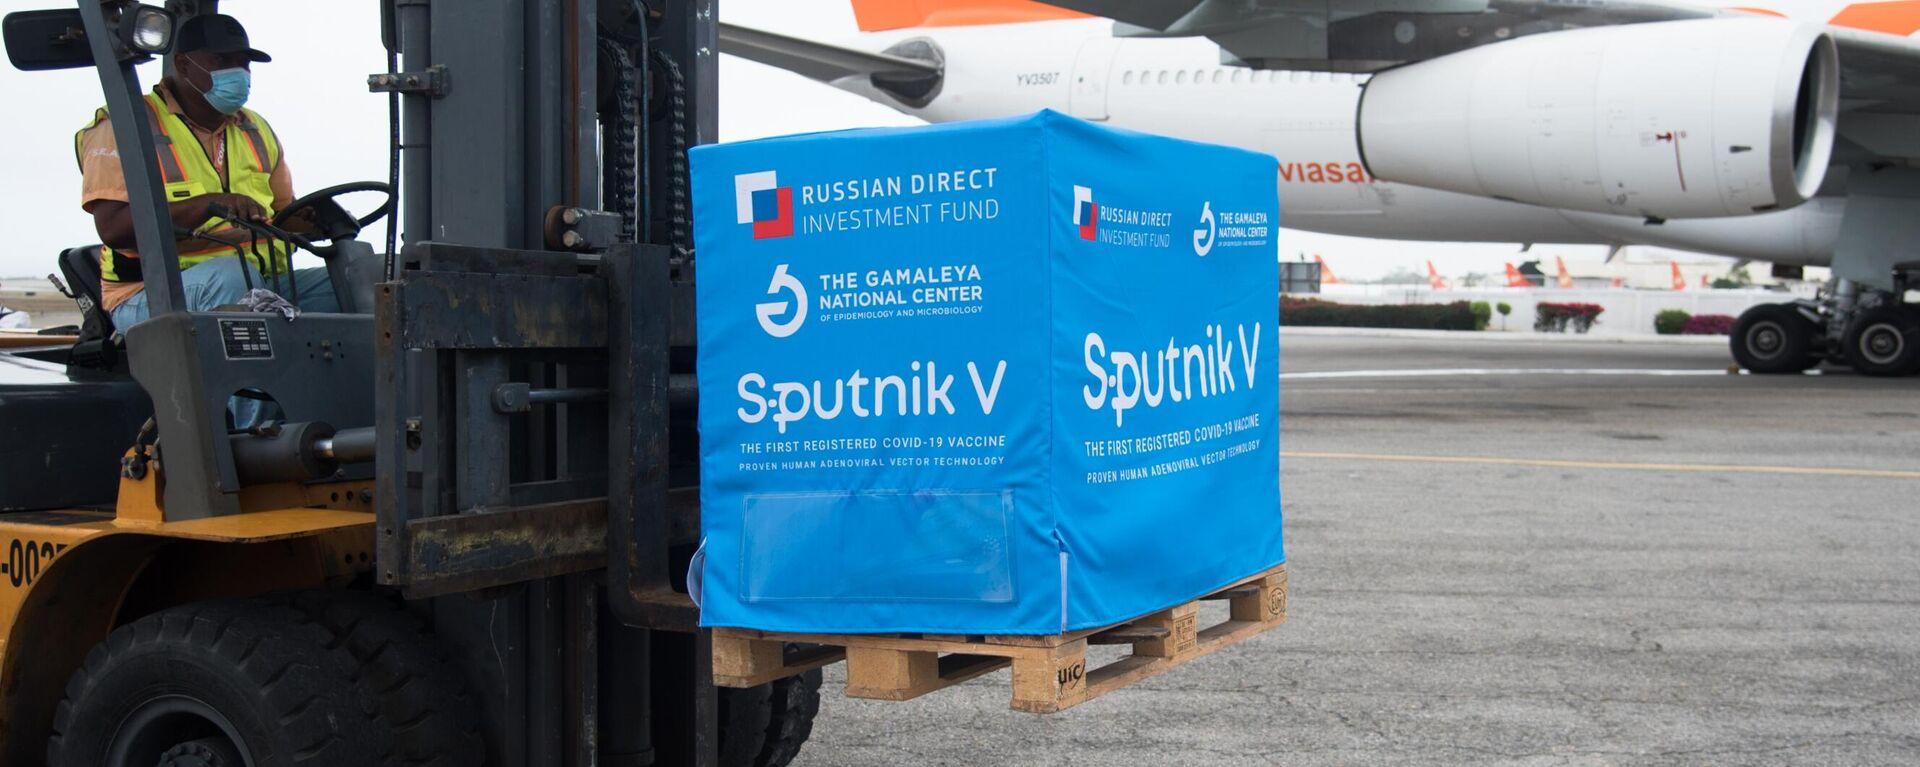 Arriba a Venezuela un cargamento de la vacuna rusa Sputnik V (Archivo) - Sputnik Mundo, 1920, 21.09.2021